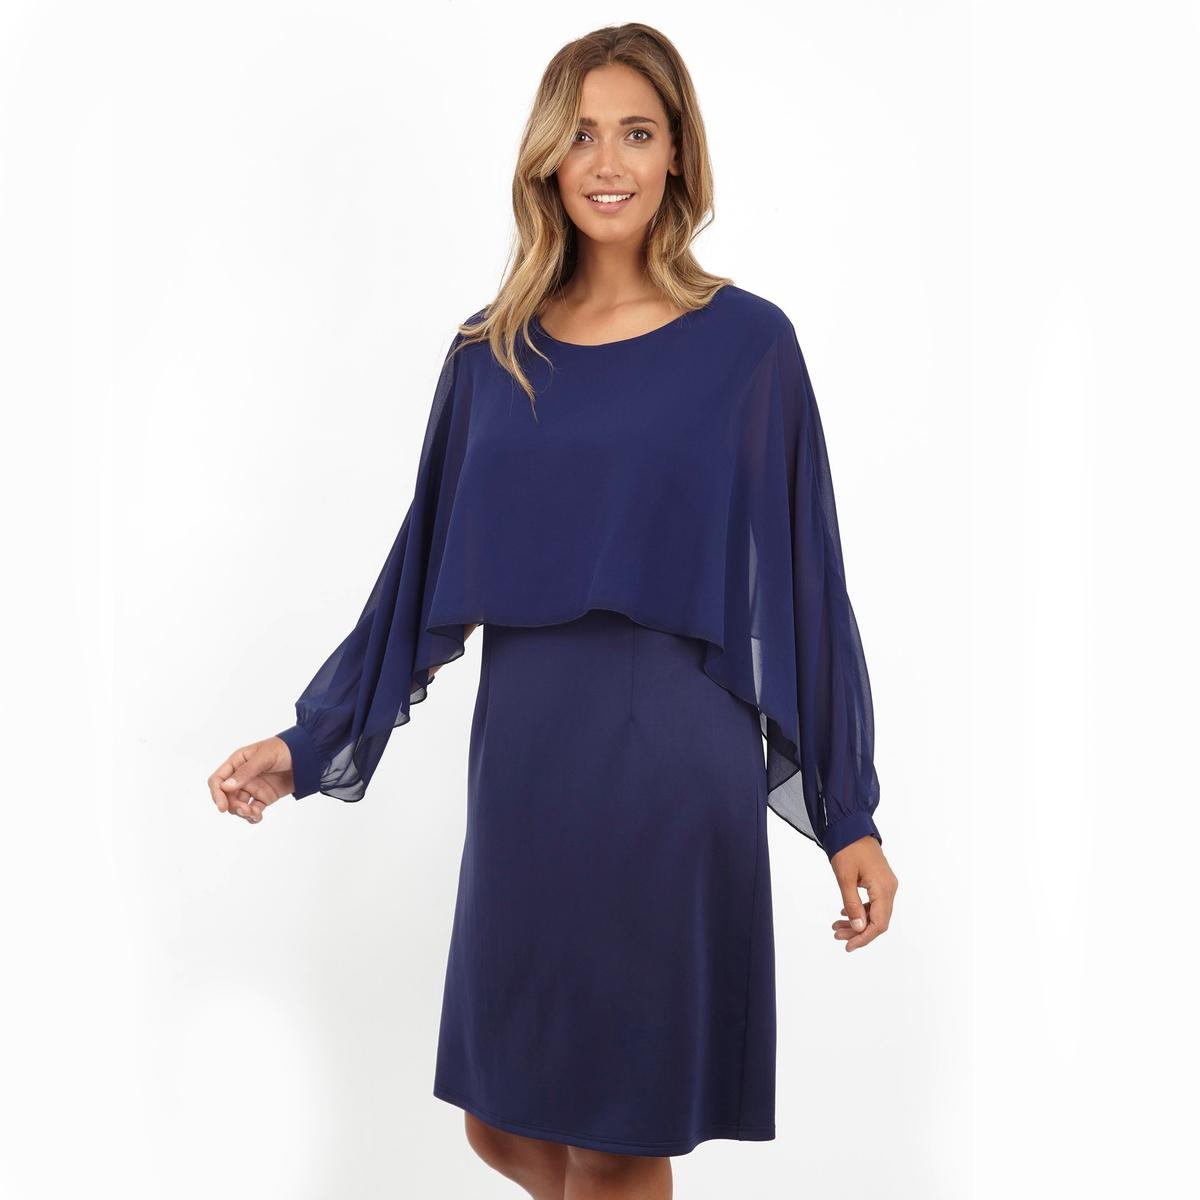 ПлатьеПлатье с длинными рукавами - LOVEDROBE. Вырез на уровне рукавов. 100% полиэстер. Длина ок.104 см.<br><br>Цвет: синий морской<br>Размер: 48 (FR) - 54 (RUS)